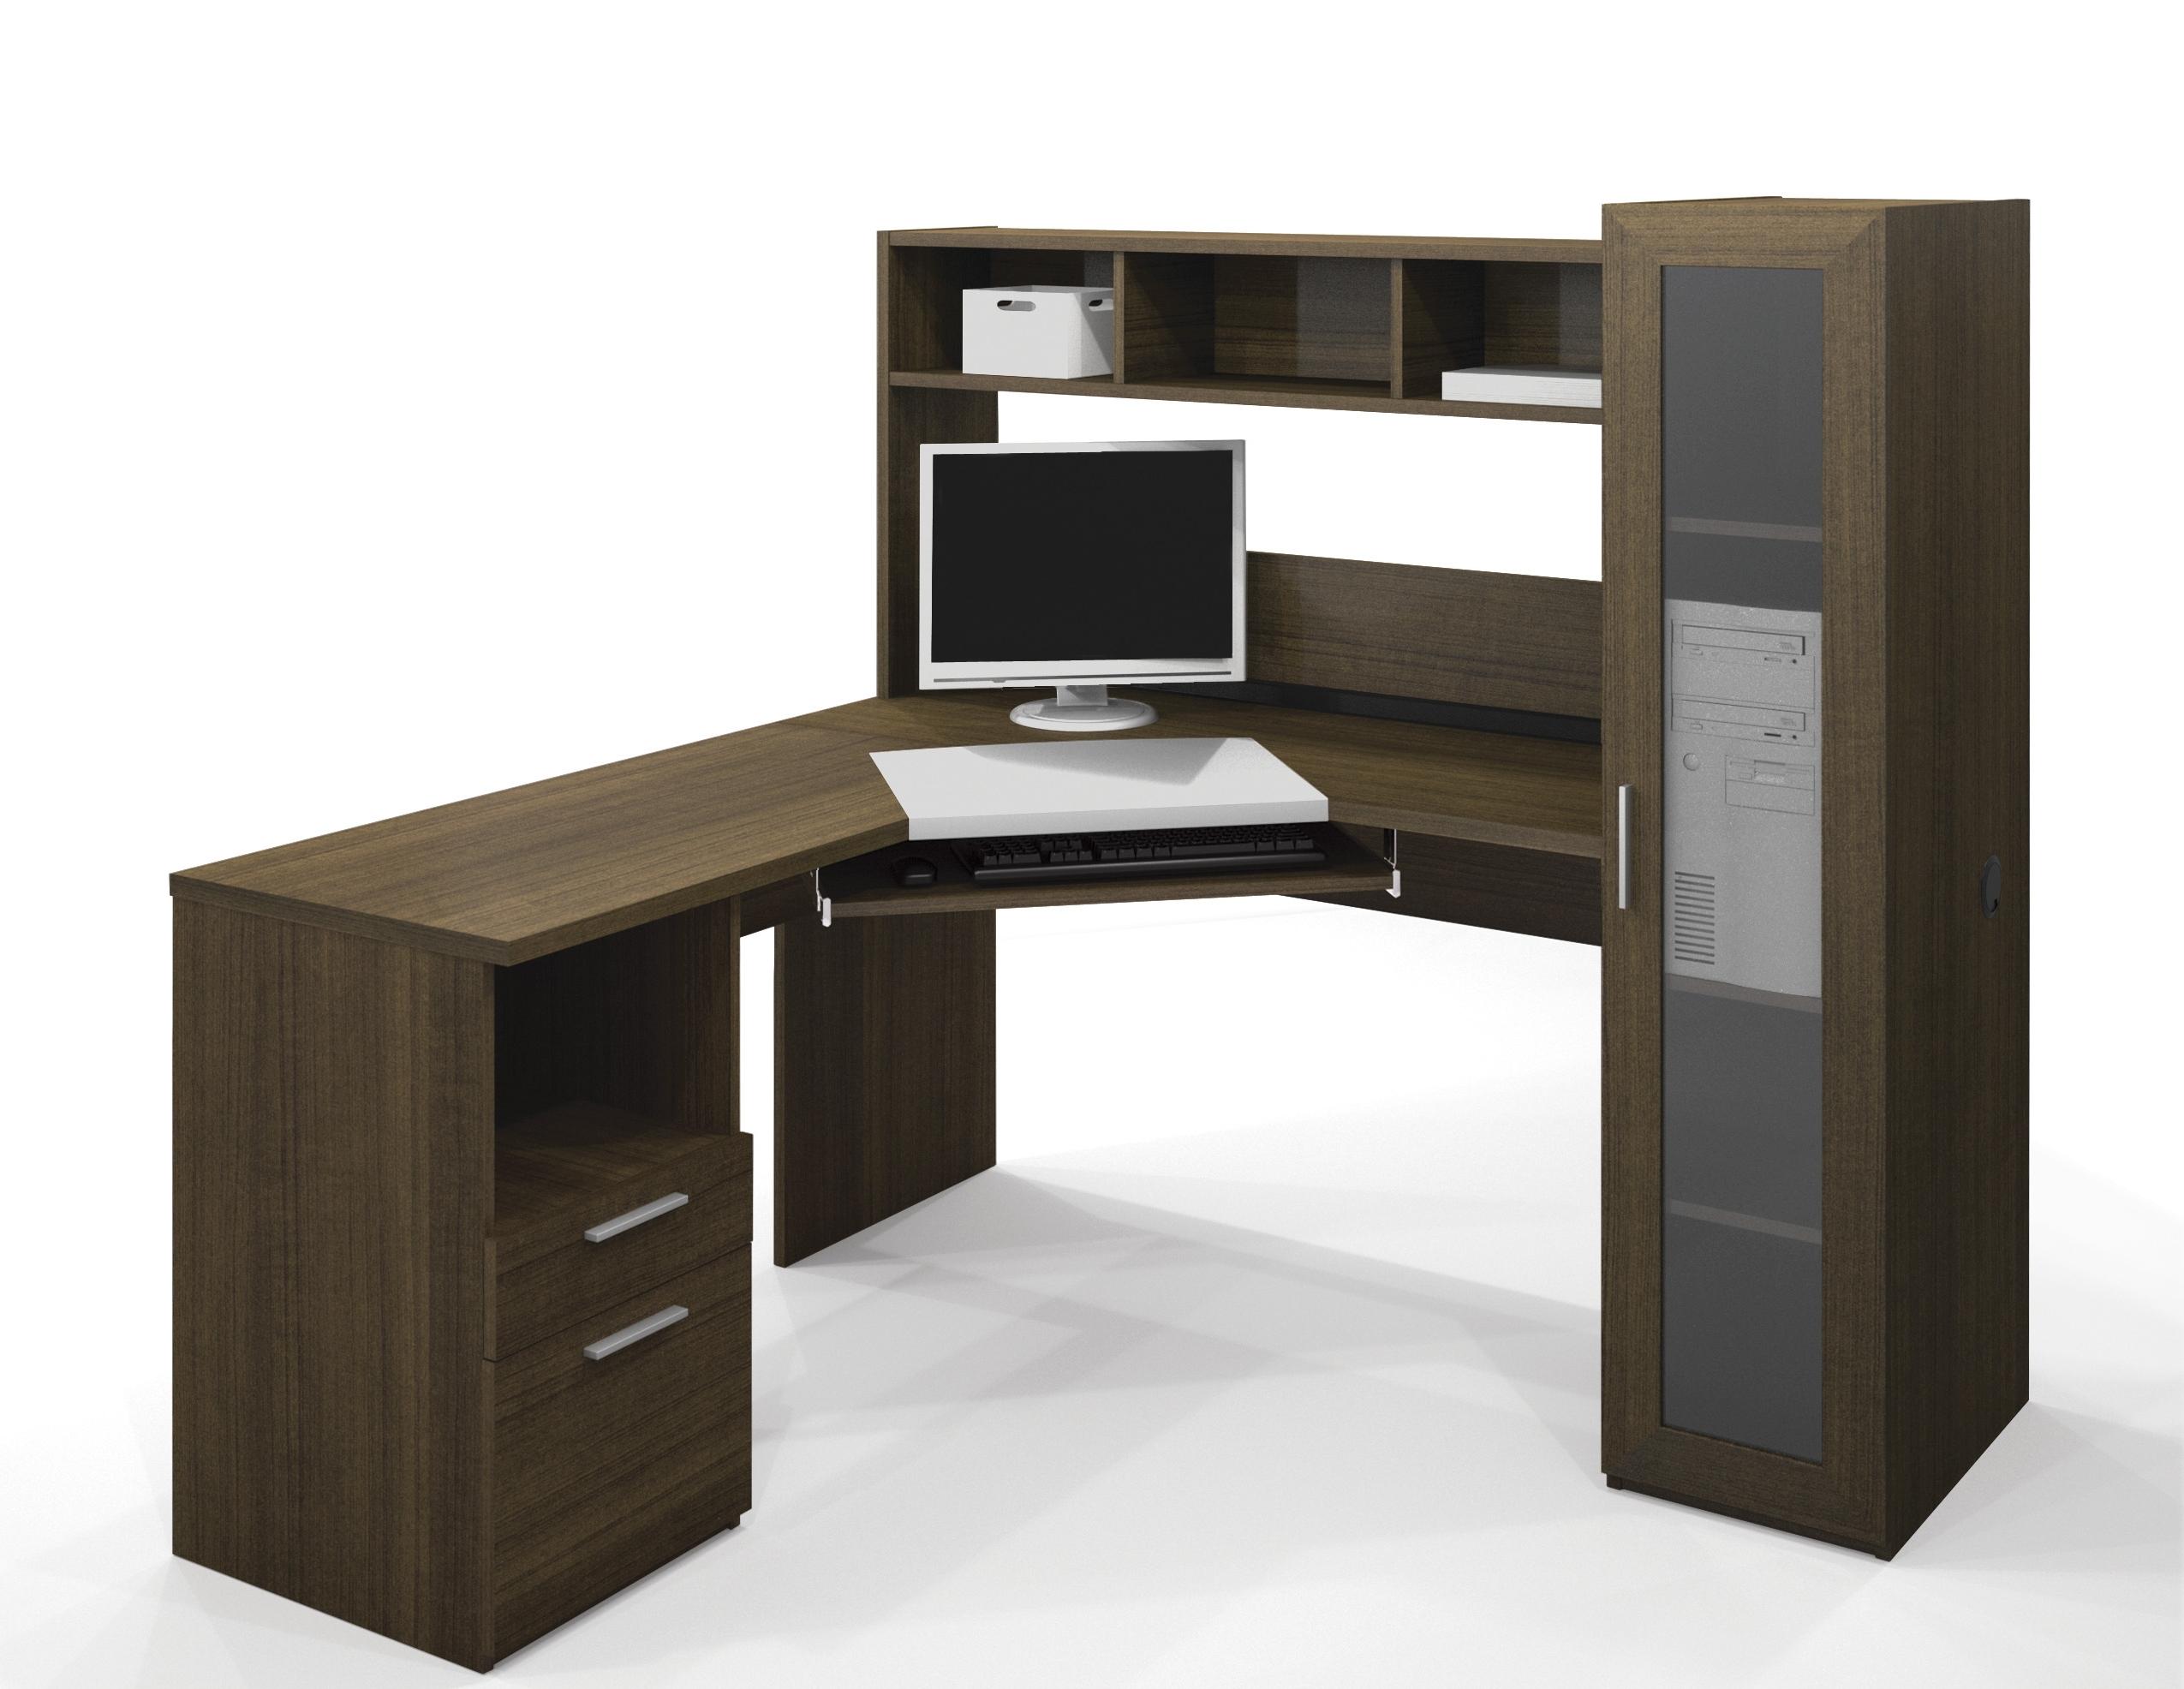 Recent Corner Computer Desks Regarding Bestar Jazz Corner Computer Desk 90432 (View 6 of 20)